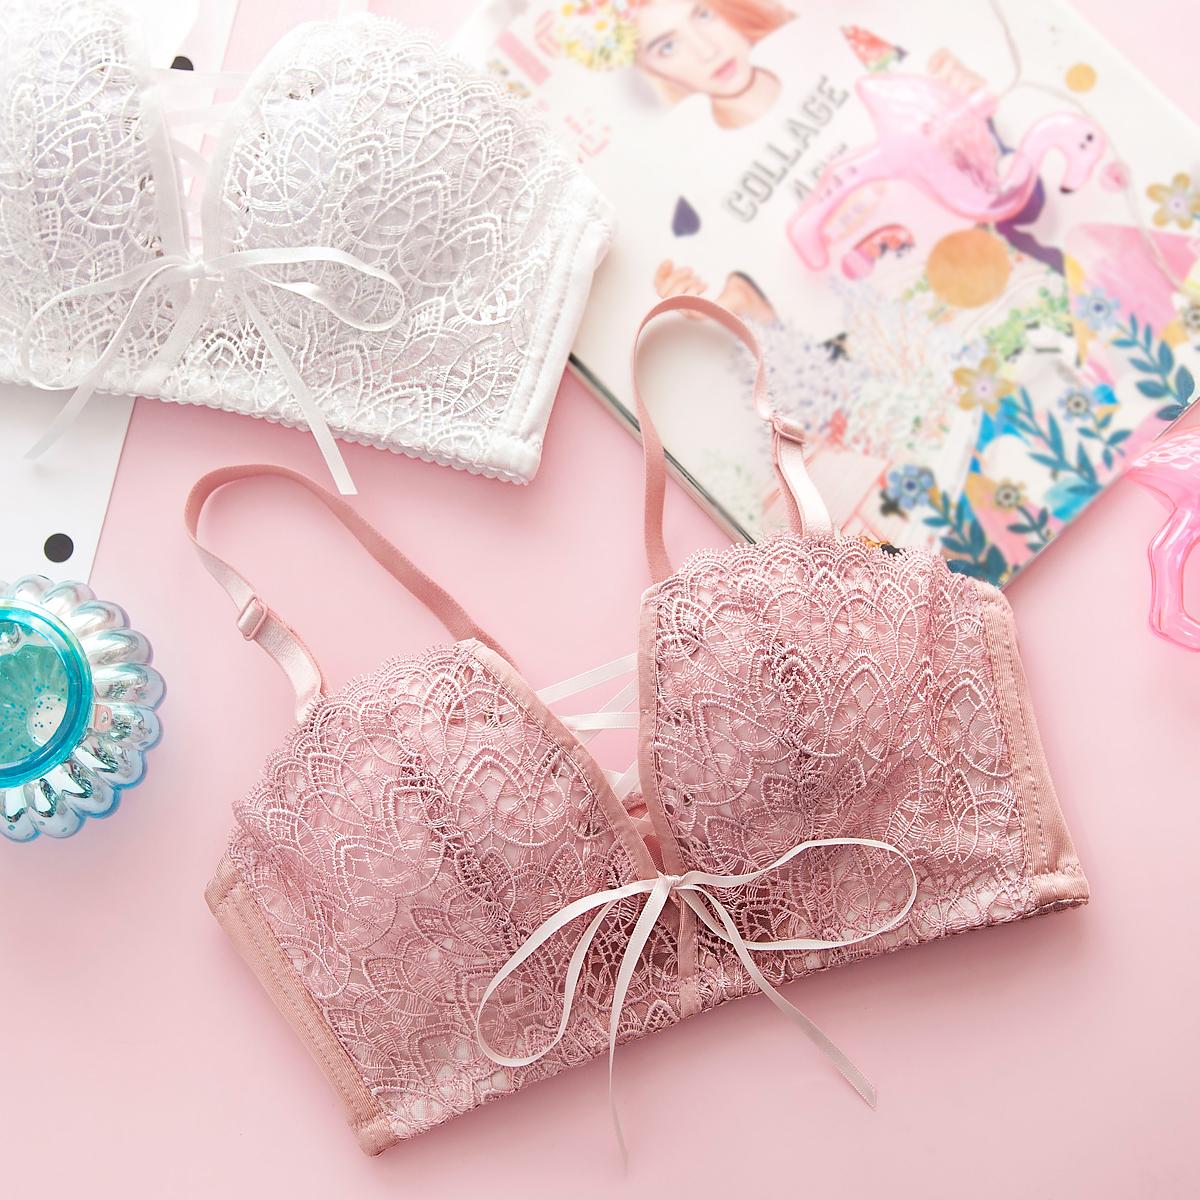 莎琪儿蕾丝聚拢小胸罩日系少女内衣内裤套装粉色性感上托文胸薄款